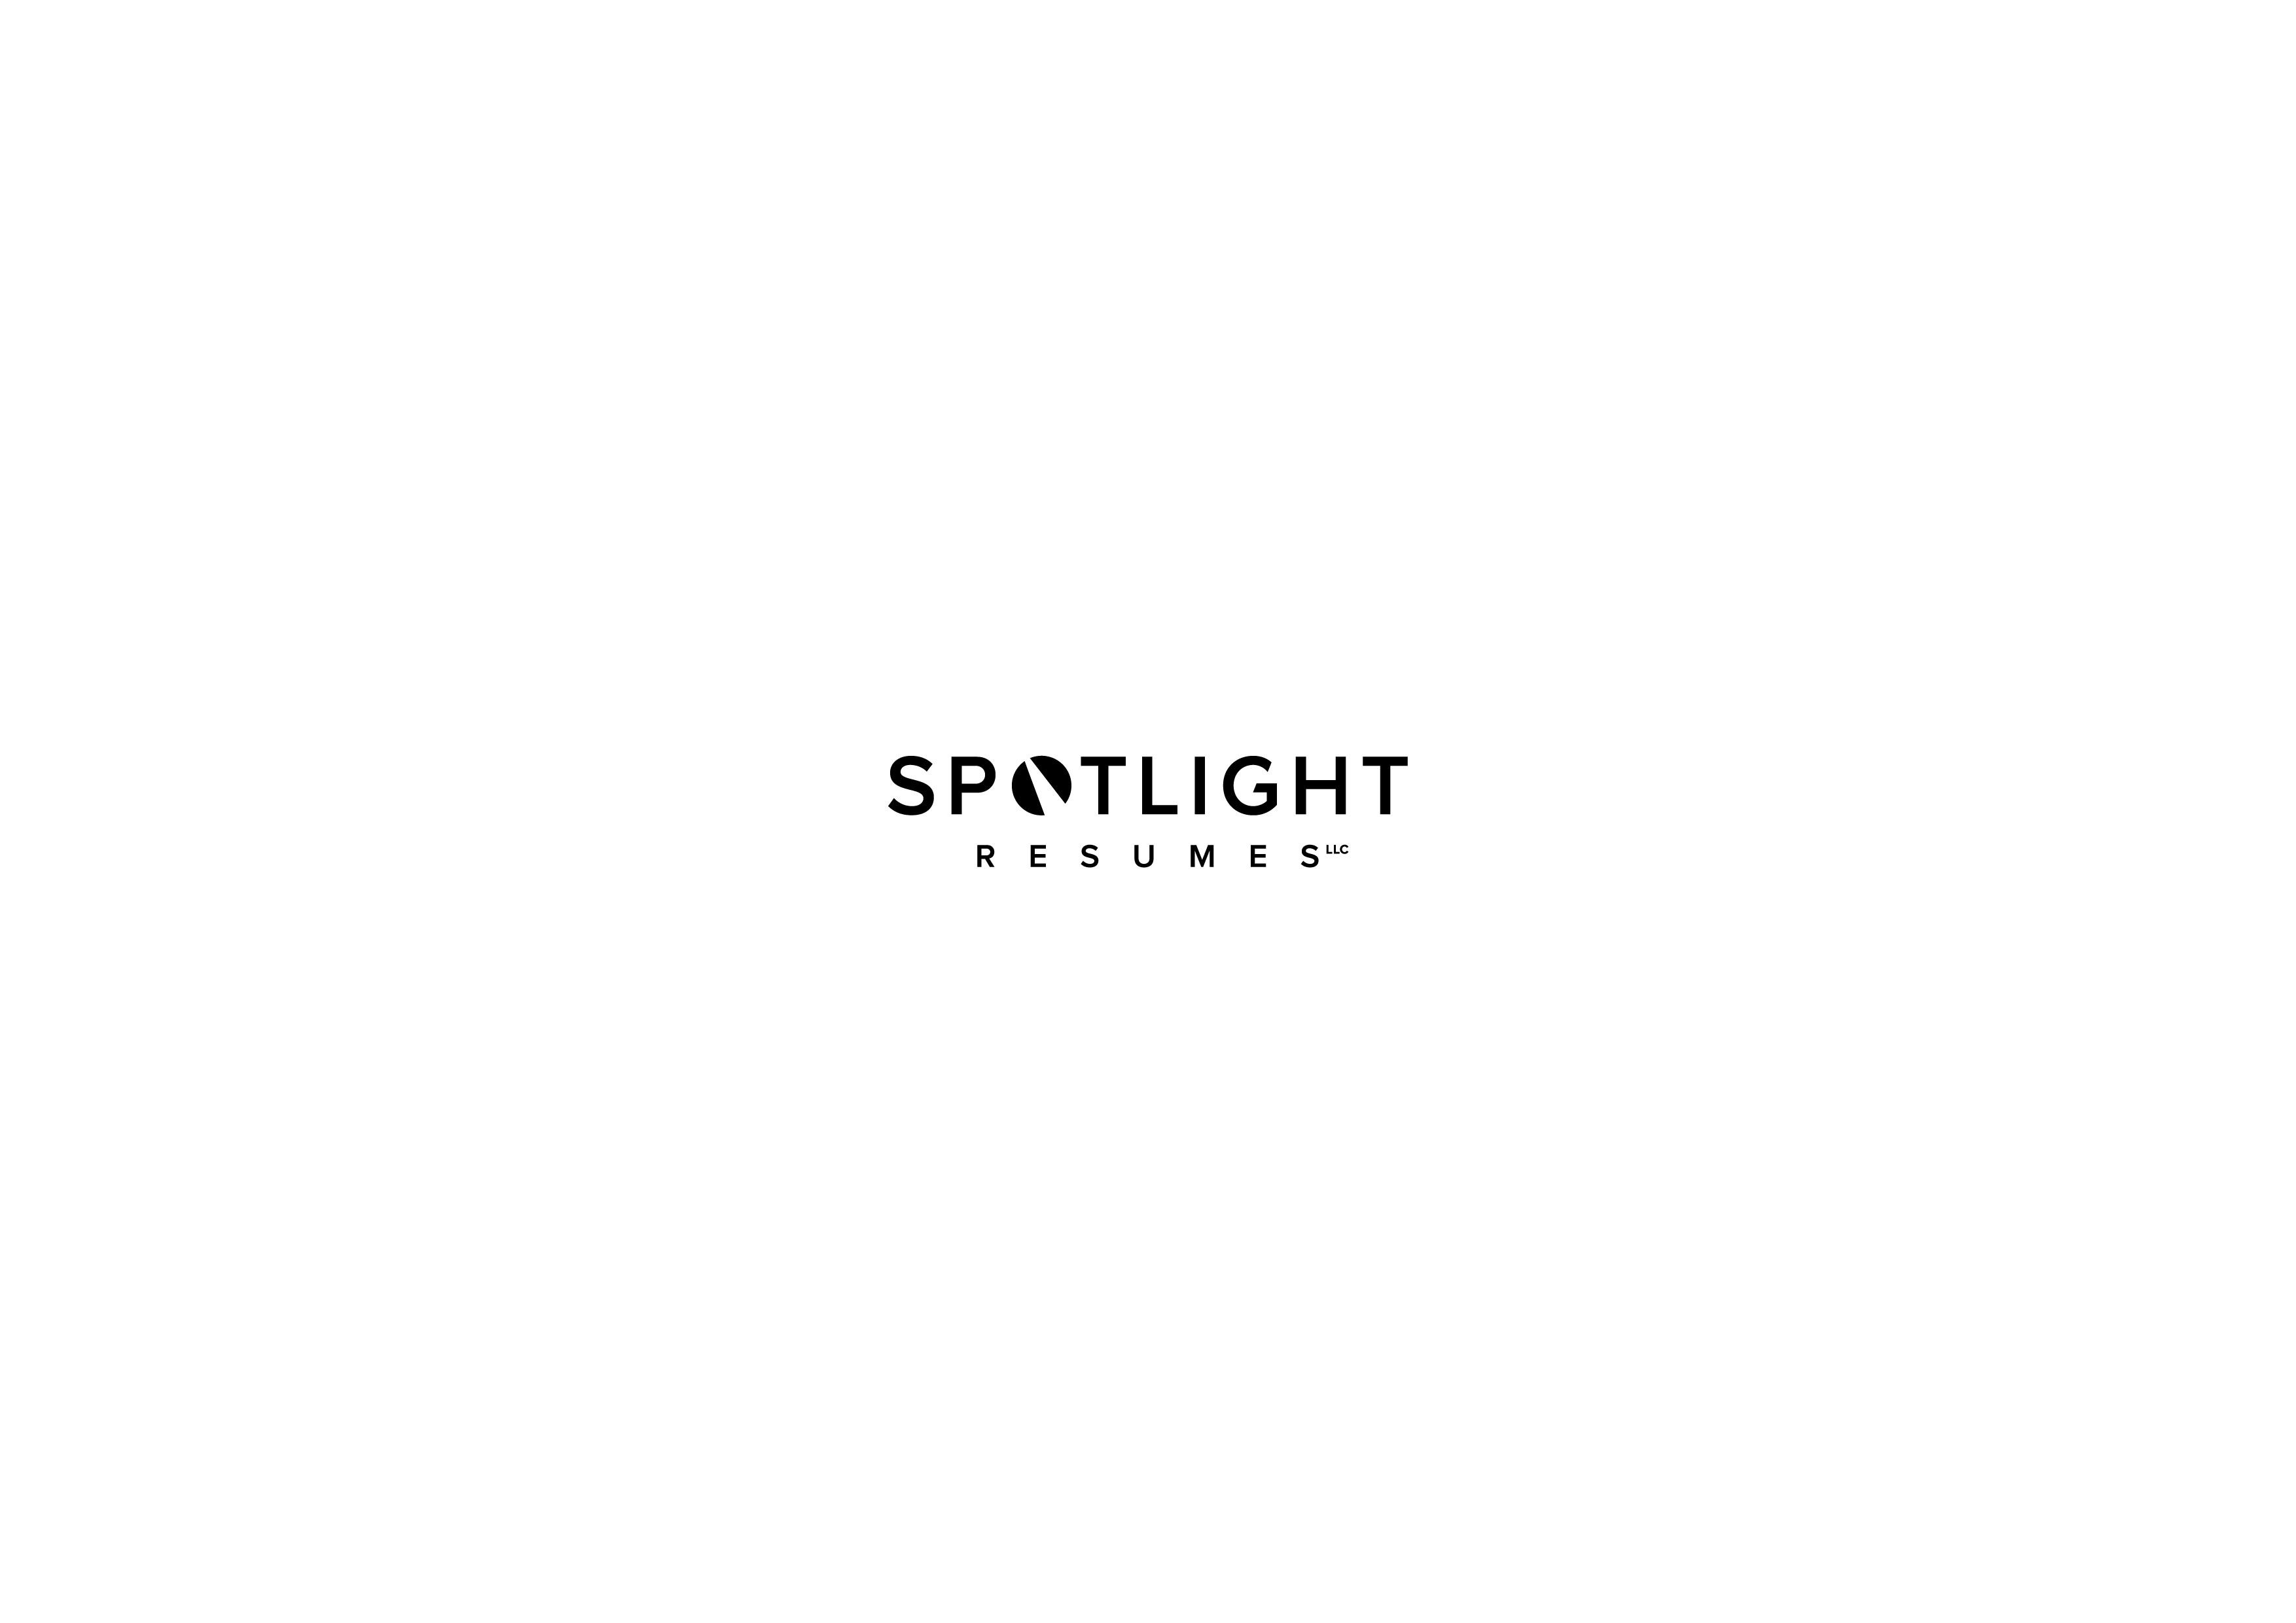 Career counselor & resume writer seeks spotlight-worthy logo that sings (in key).